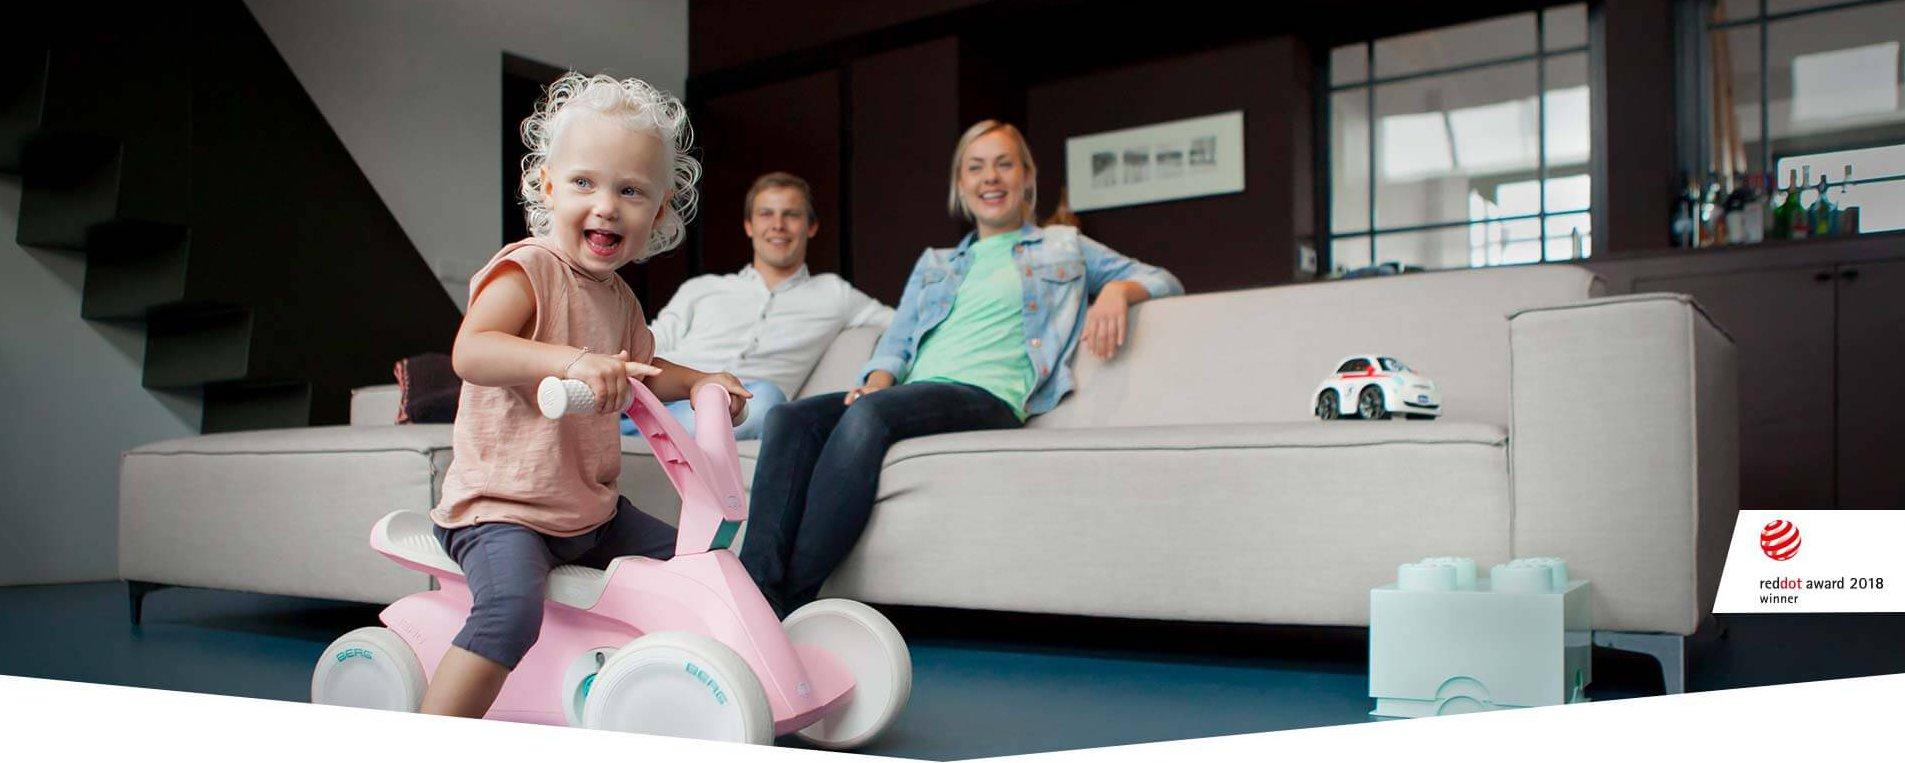 GOKART PROFI Go² Babyrutscher jetzt bestellen - Online bestellen und Lieferung ohne Versandkosten